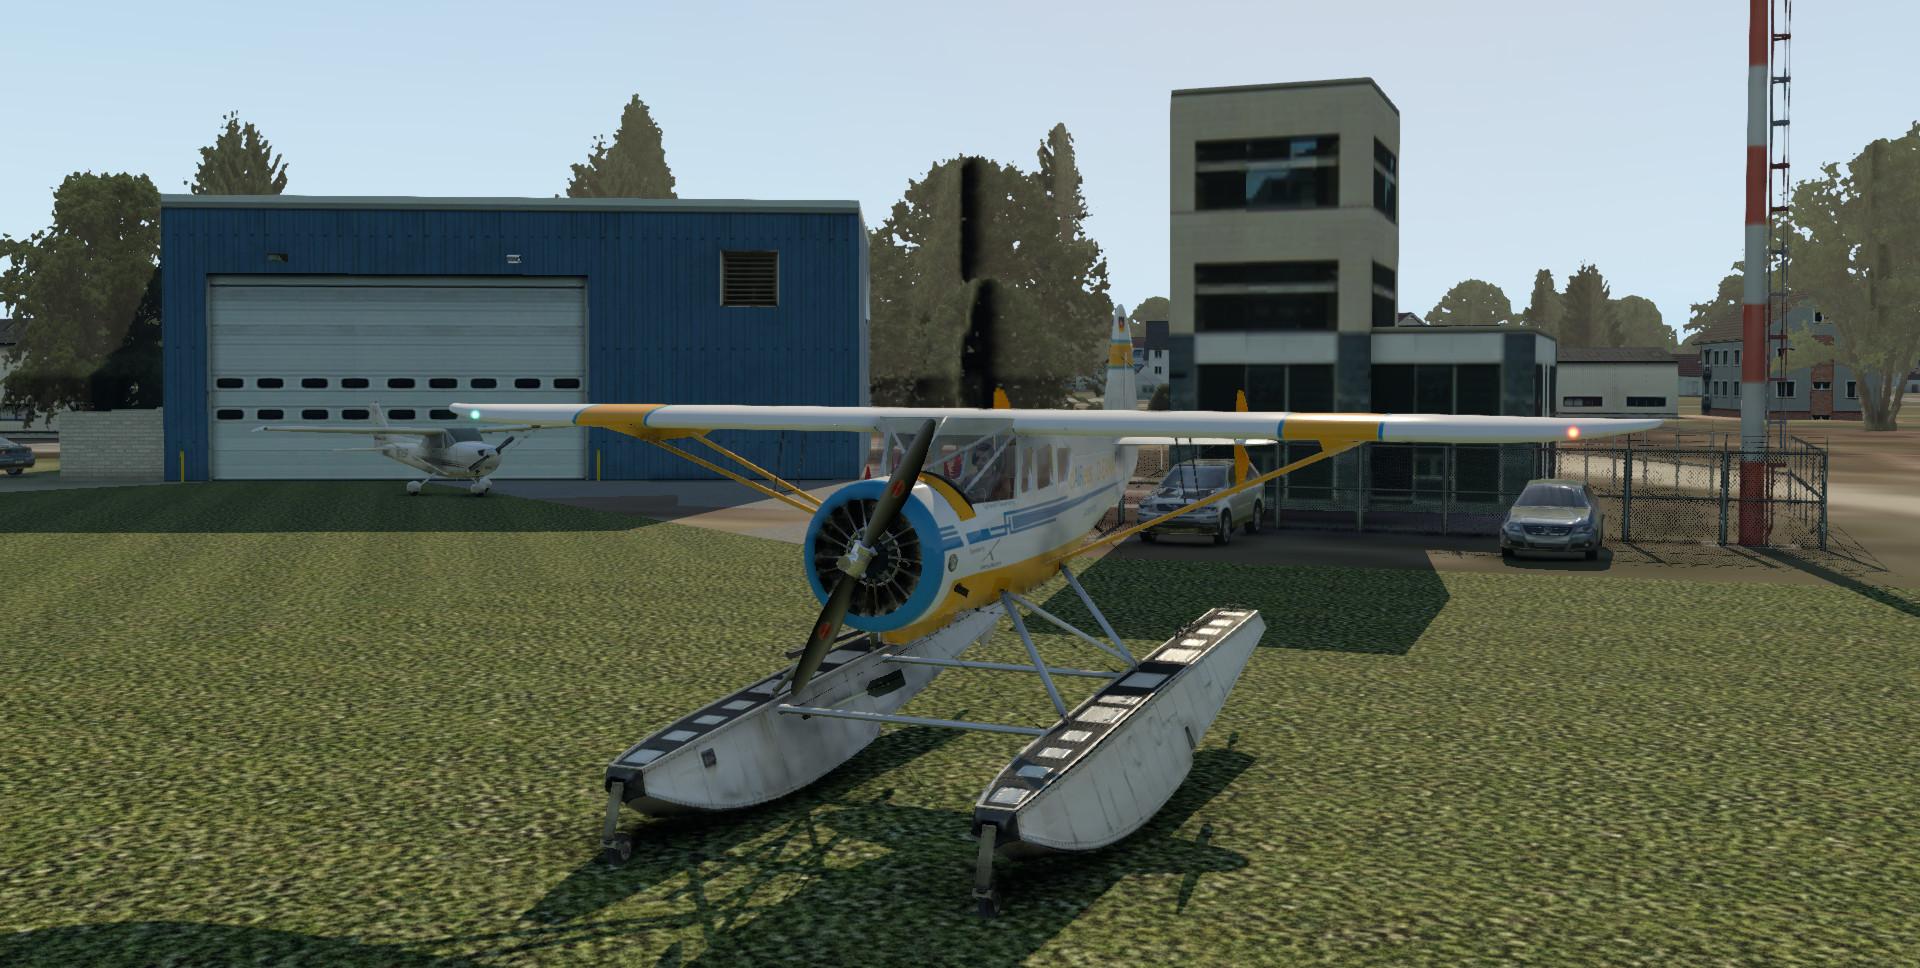 nordseerundflug-0306ekap.jpg